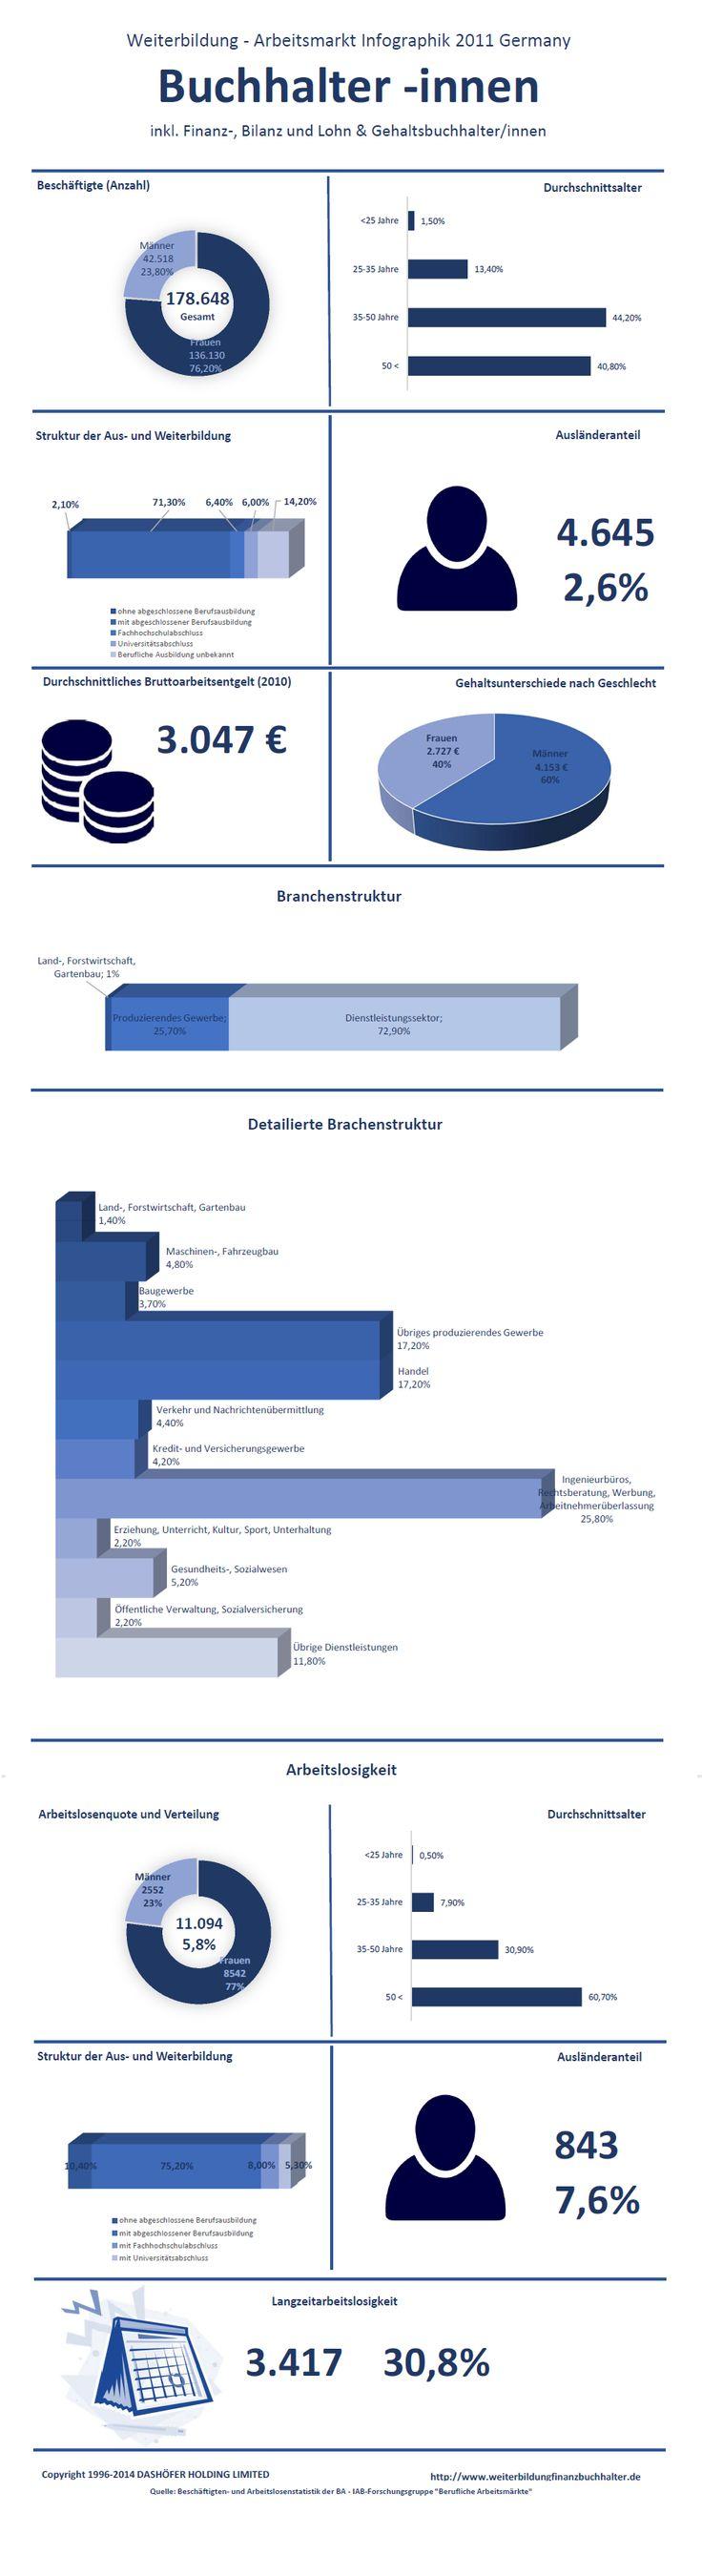 #Weiterbildung #Finanzbuchhalter #Arbeitsmarkt  Die Infographik zu Weiterbildung, Gehalt und Arbeitsmarkt der Berufsgruppe Buchhalter inkl. Finanzbuchhalter, Bilanzbuchhalter, Lohn- und Gehaltsbuchhalter in Deutschland, 2011. Hier finden sie alle notwendigen Daten zum Berufsbild eines Finanzbuchhalters, Buchhalters etc. inklusive der Branchen, in denen  Finanzbuchhalter eingesetzt werden, der Auslaenderanteil und die Arbeitslosenquote. Die Daten sind auf dem Stand des Jahres 2011.